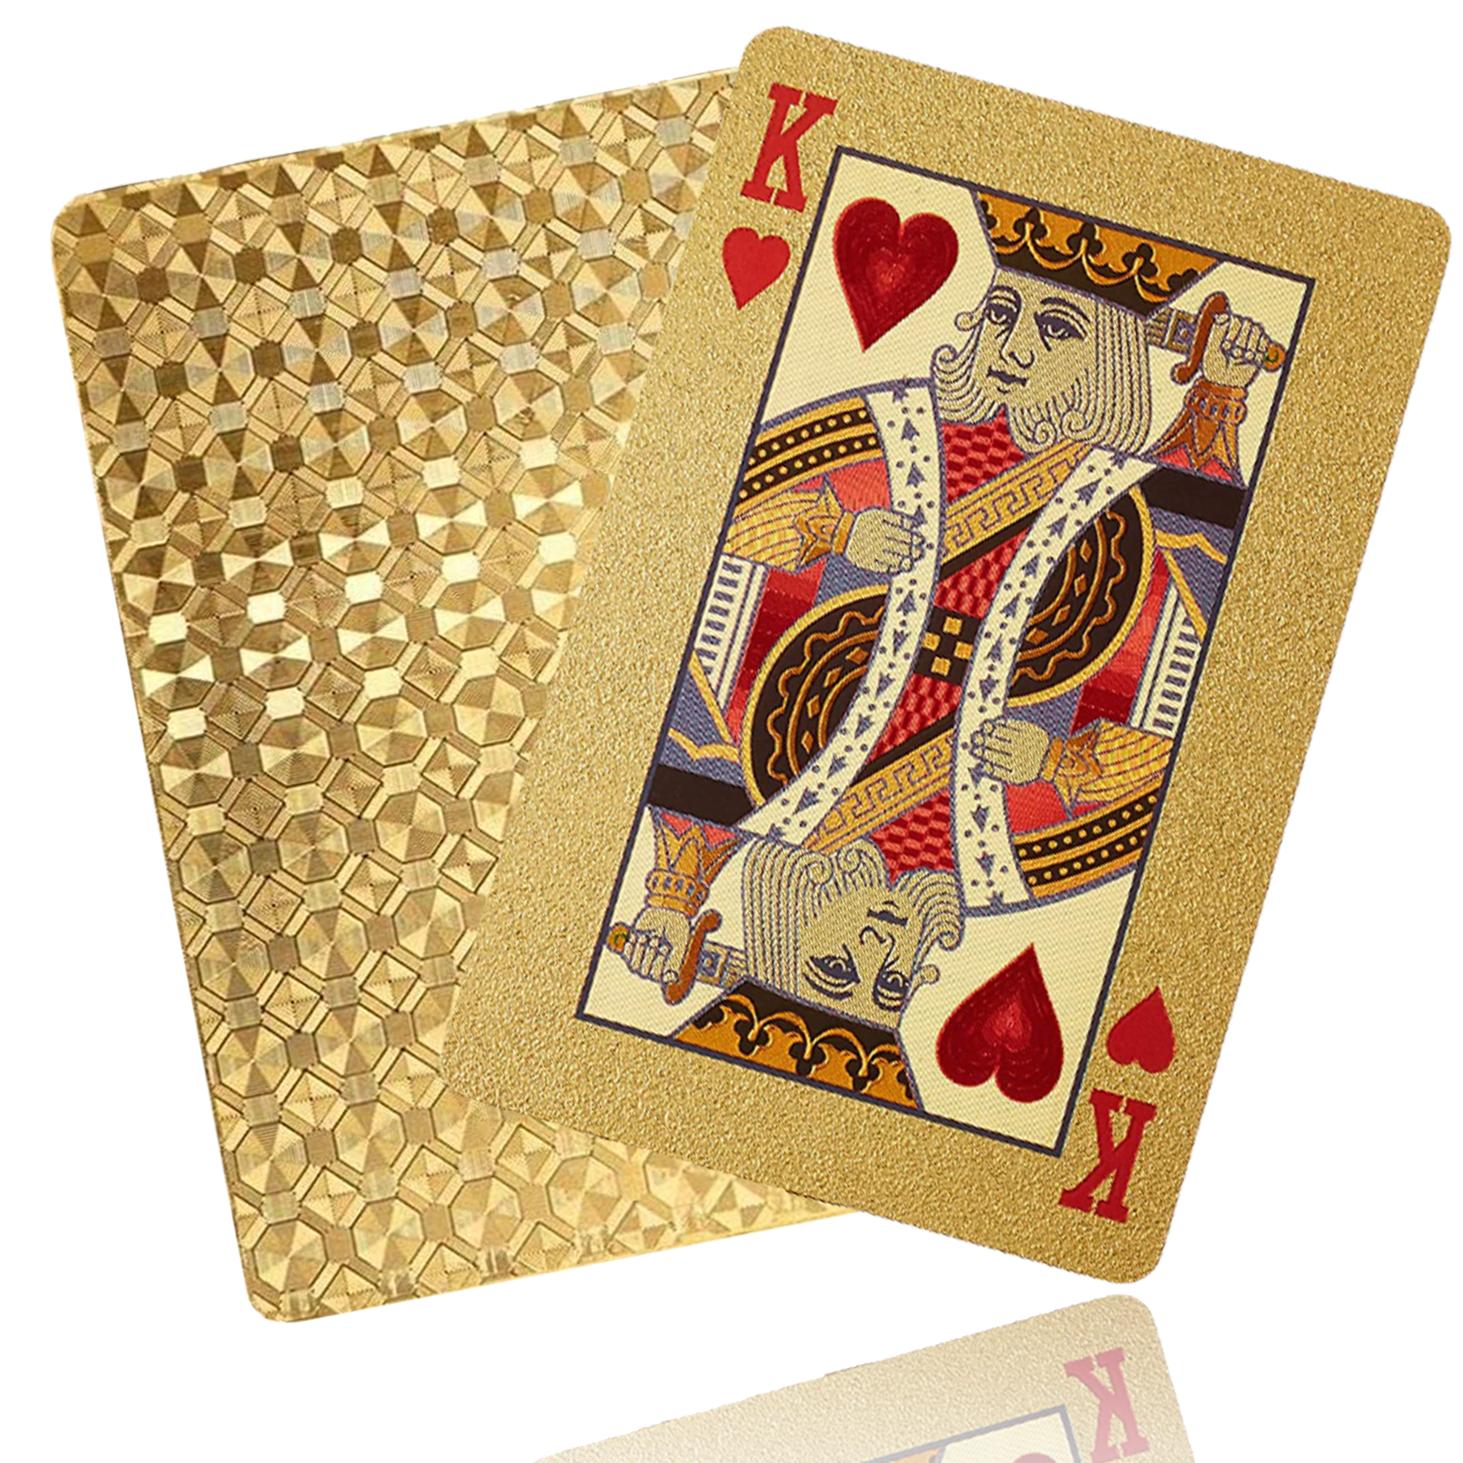 [국내직배송] 럭셔리 24K 골드 포커 카드 (PVC 플라스틱 방수 다이아몬드 패턴)